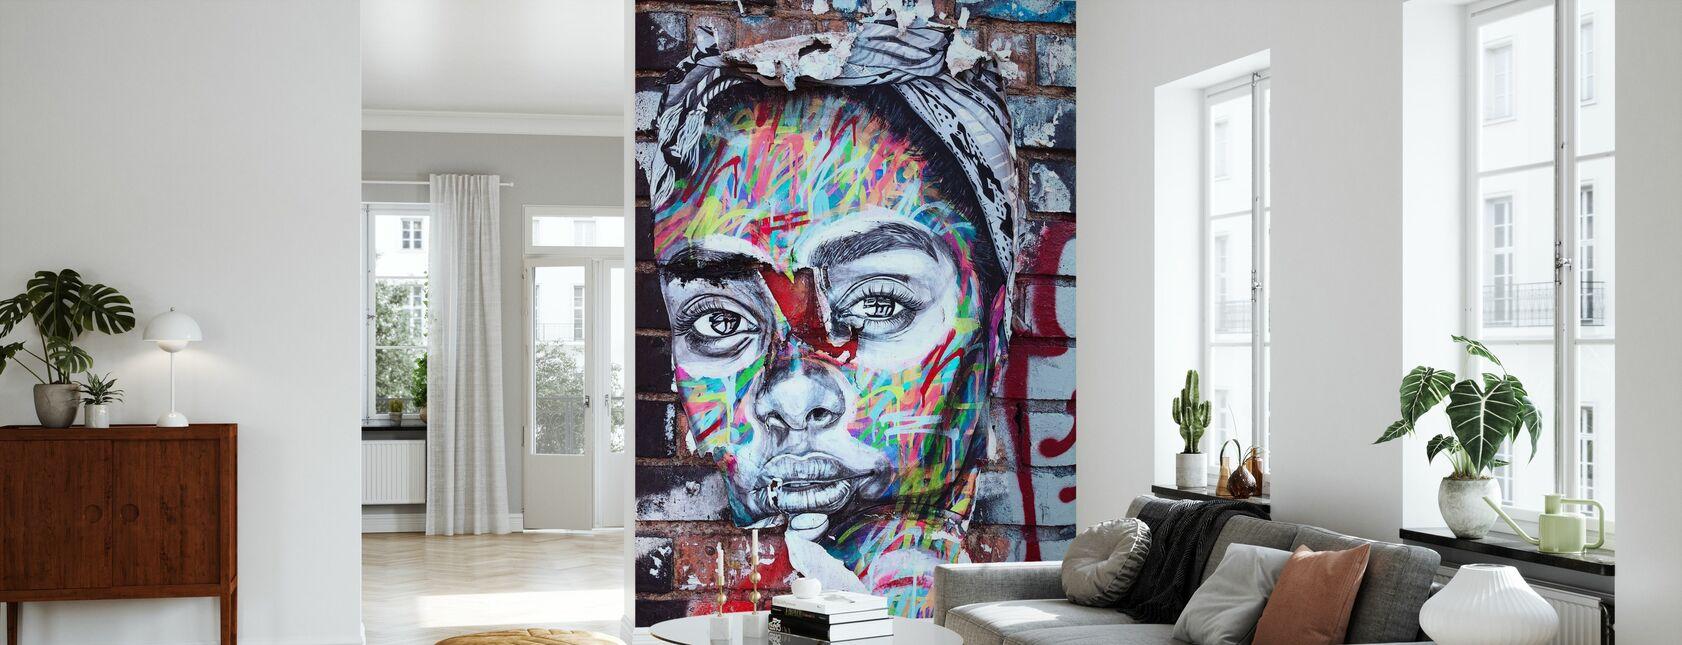 Gatekunst Portrett - Tapet - Stue